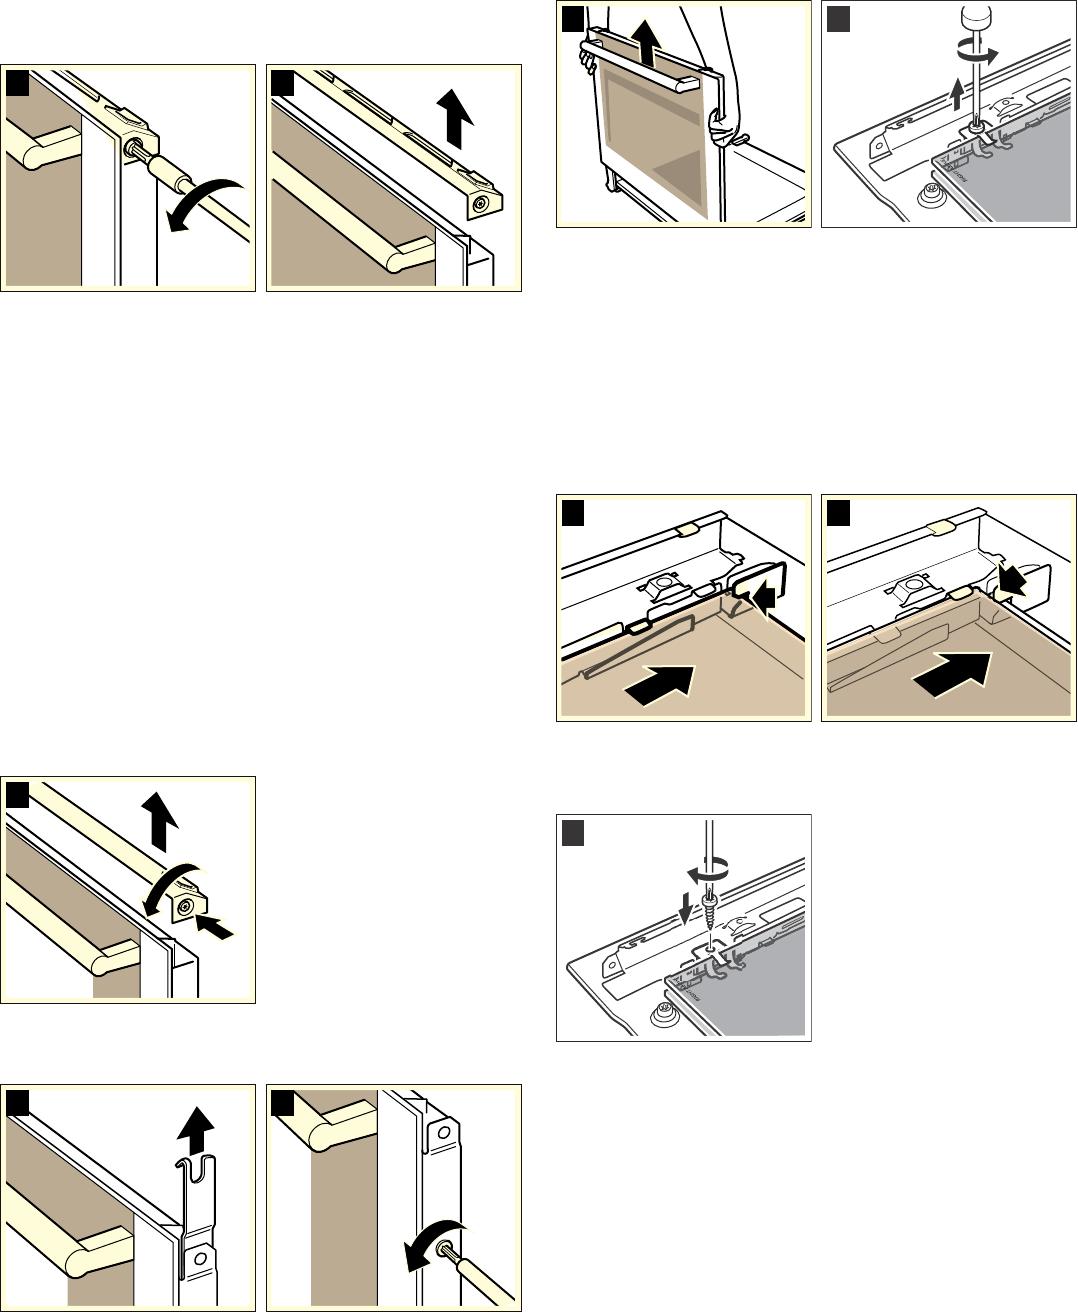 bedienungsanleitung siemens hb78bd571 seite 18 von 40 deutsch. Black Bedroom Furniture Sets. Home Design Ideas